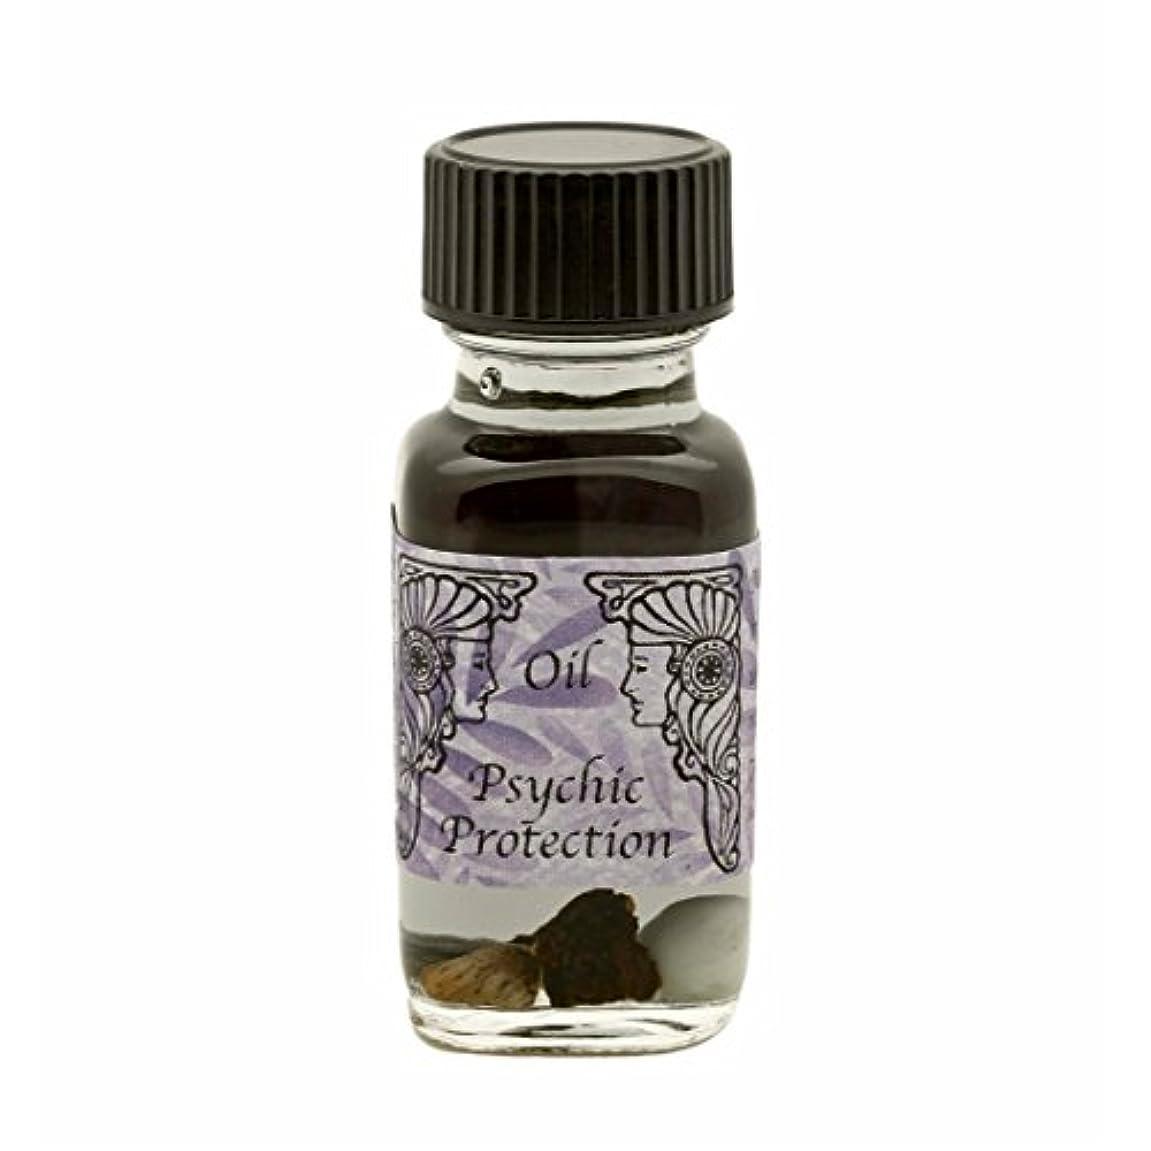 アンシェントメモリーオイル サイキックプロテクション Psychic Protection スピリチュアルバリア 2017年新作 (Ancient Memory Oils)